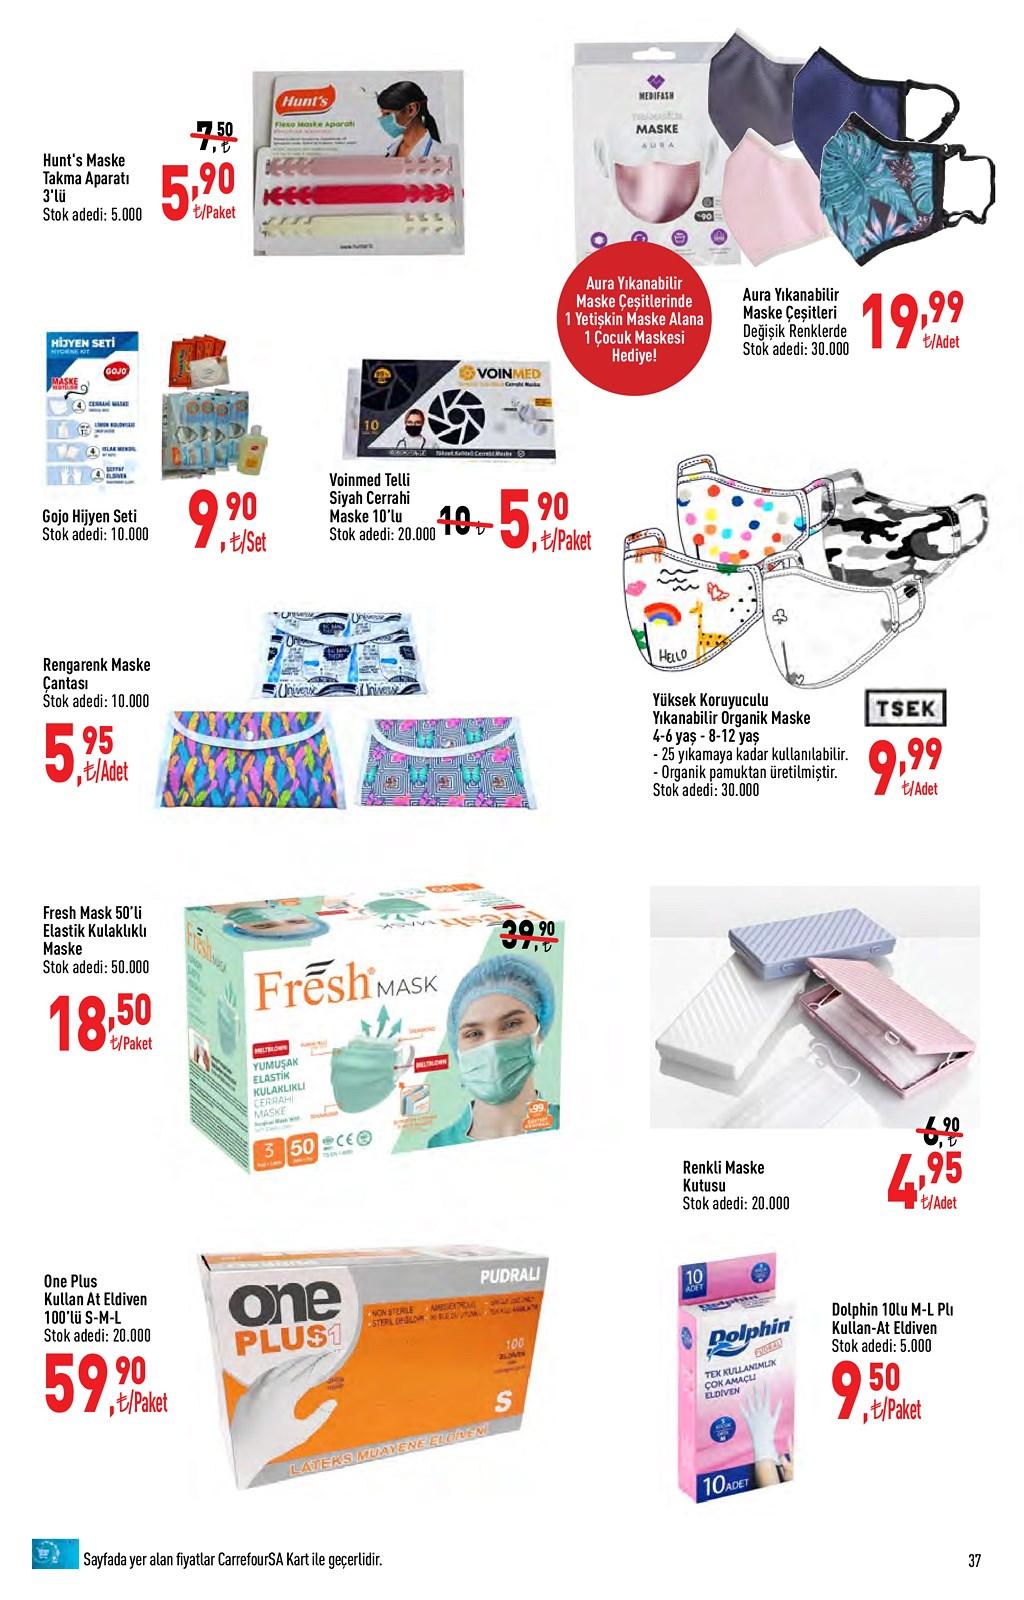 01.06.2021 CarrefourSA broşürü 37. sayfa